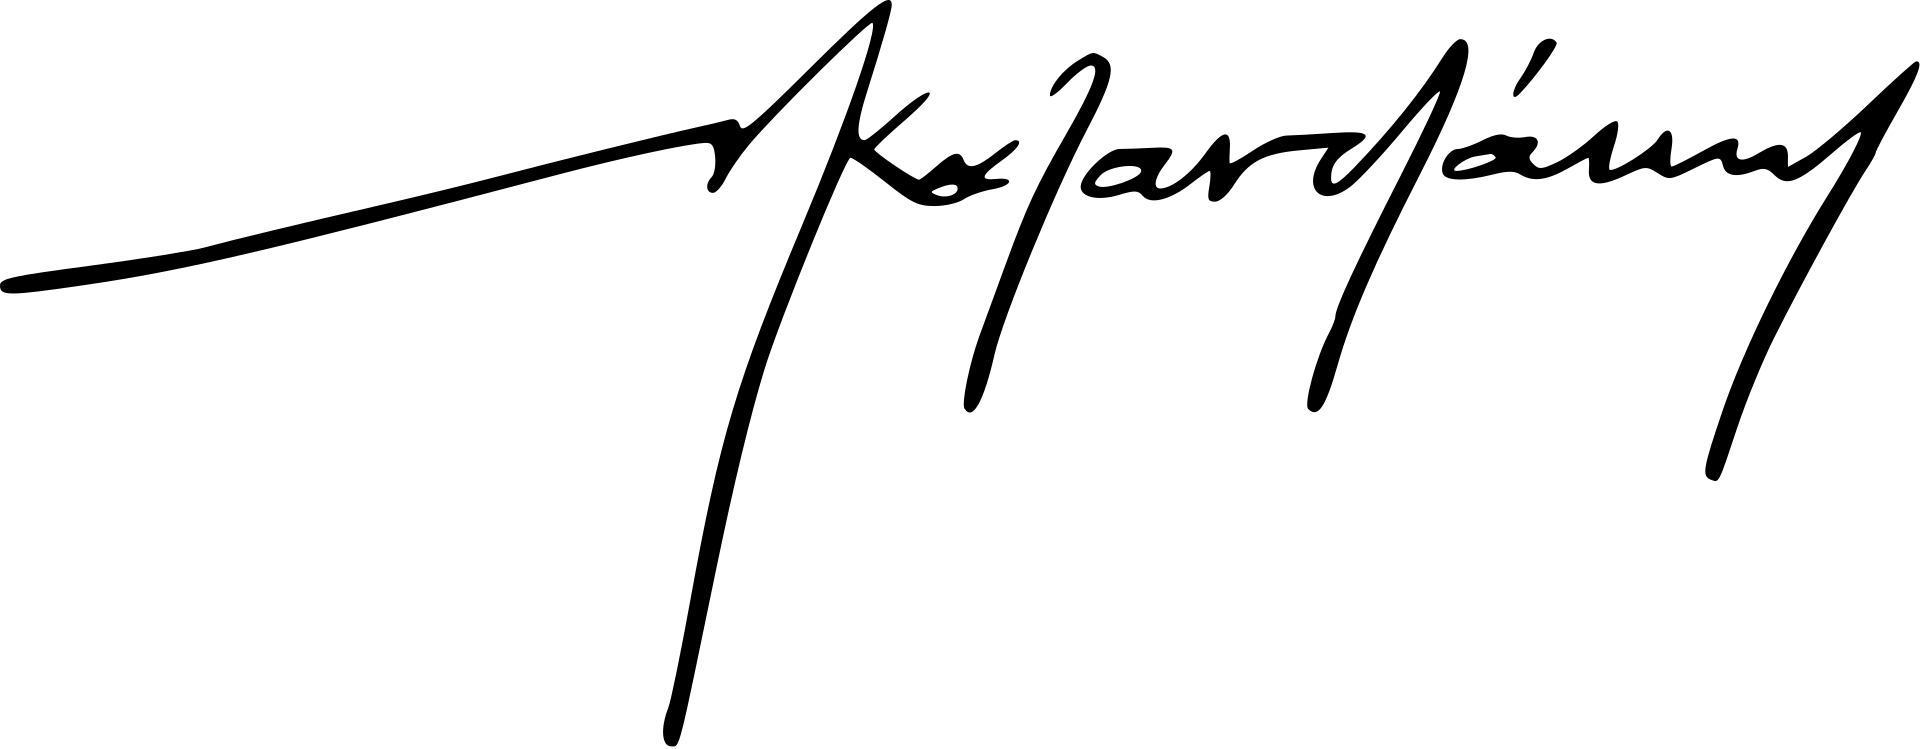 Υπογραφή Καζαντζάκη